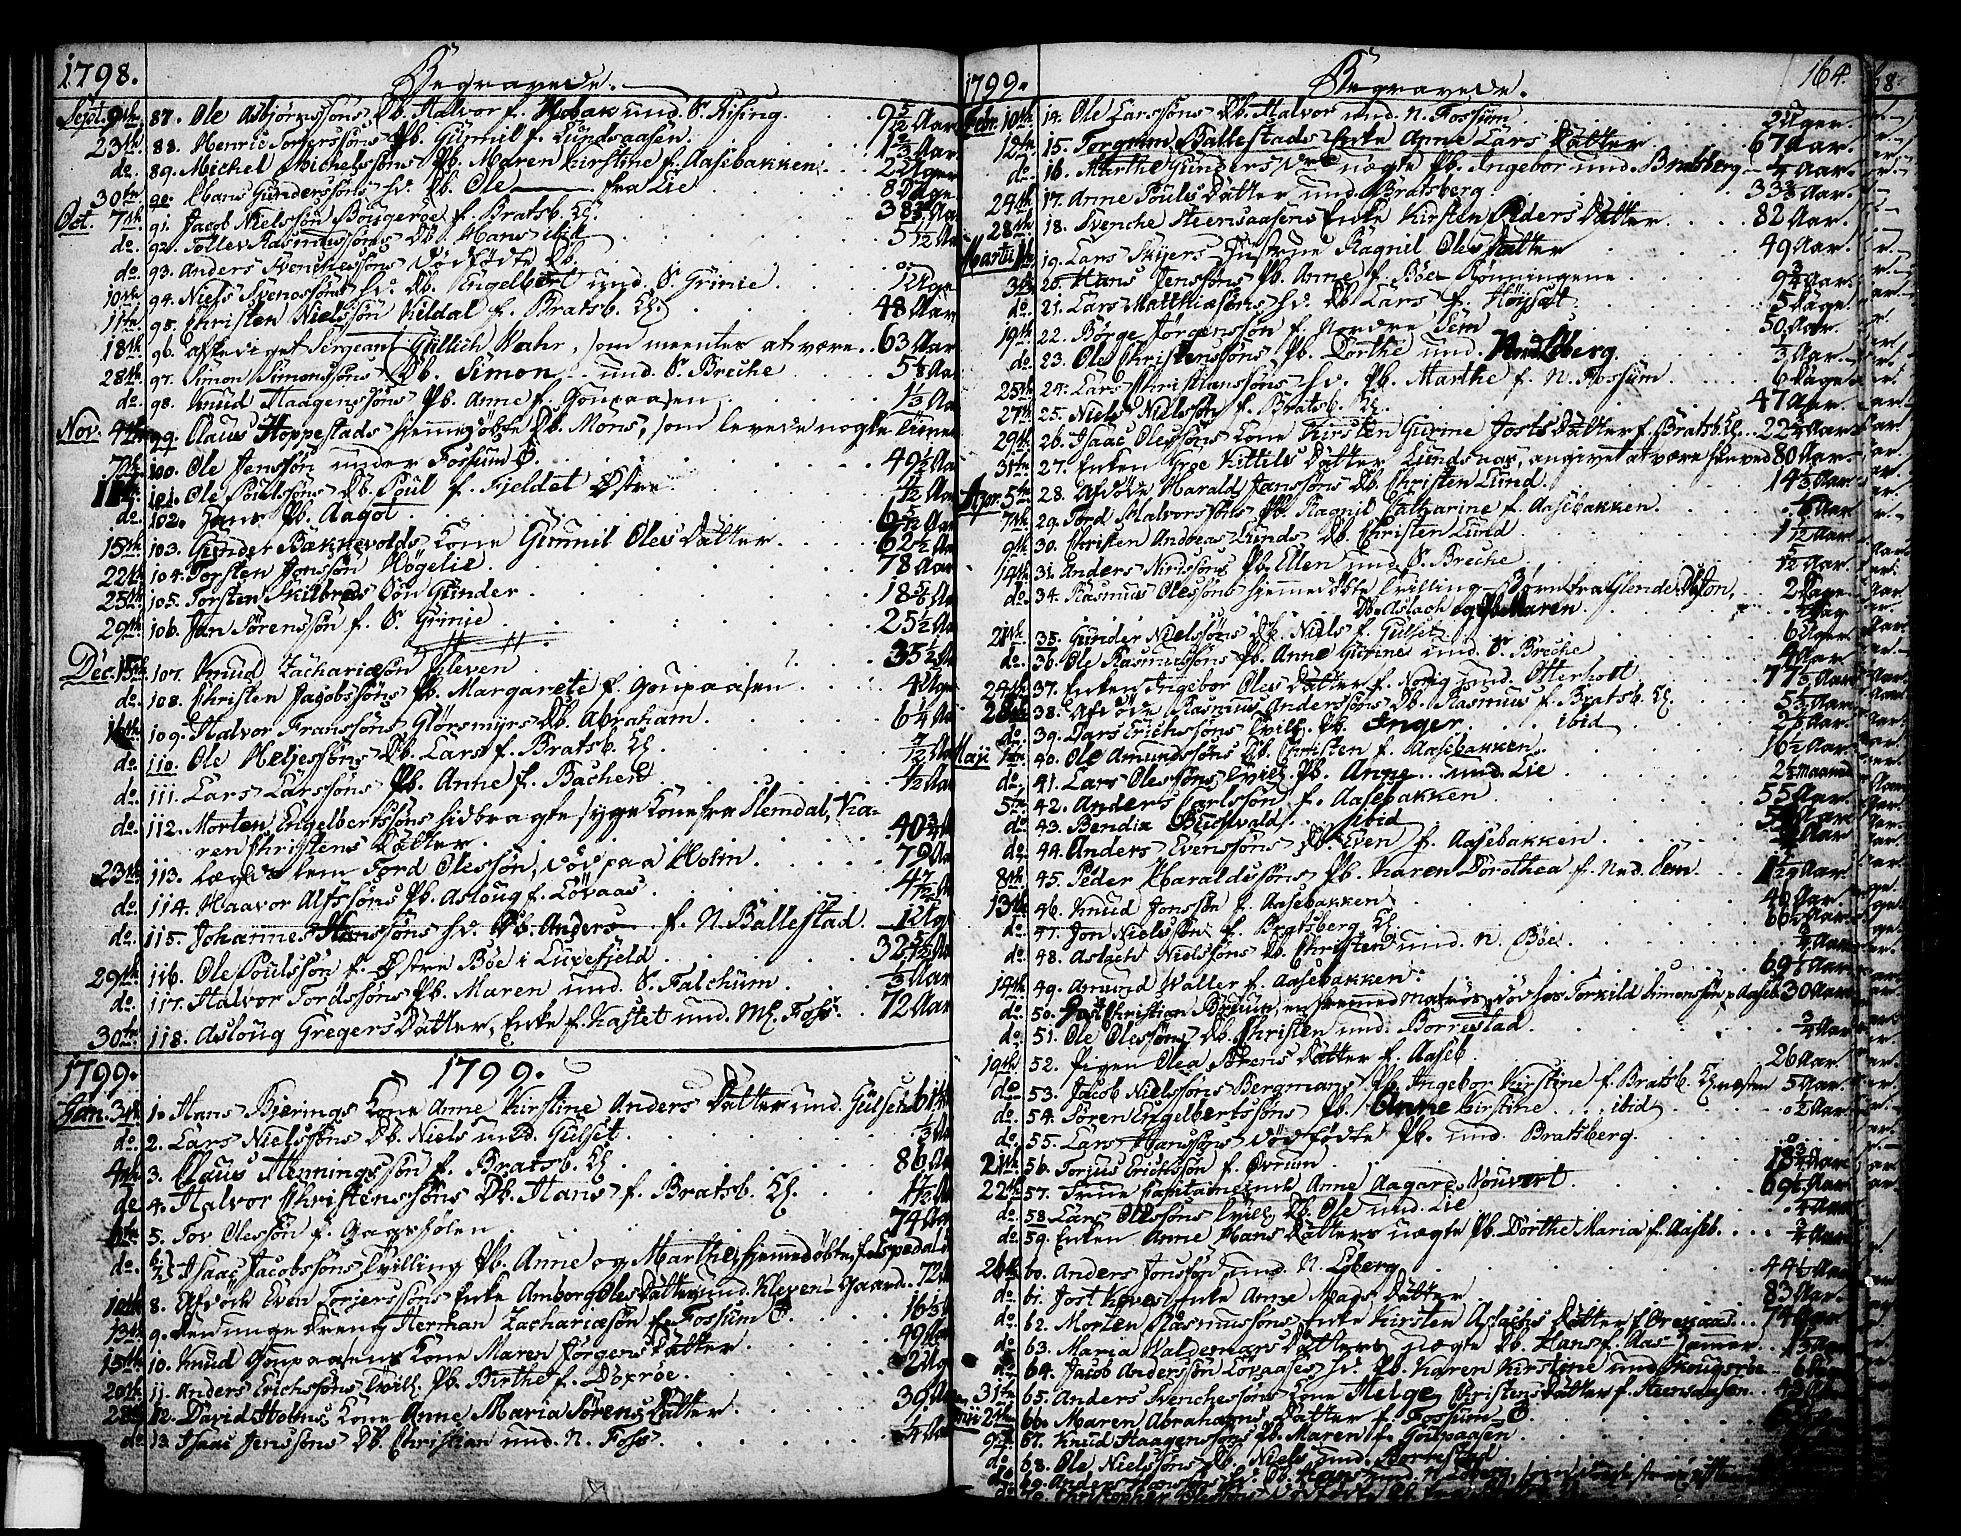 SAKO, Gjerpen kirkebøker, F/Fa/L0003: Ministerialbok nr. 3, 1796-1814, s. 164